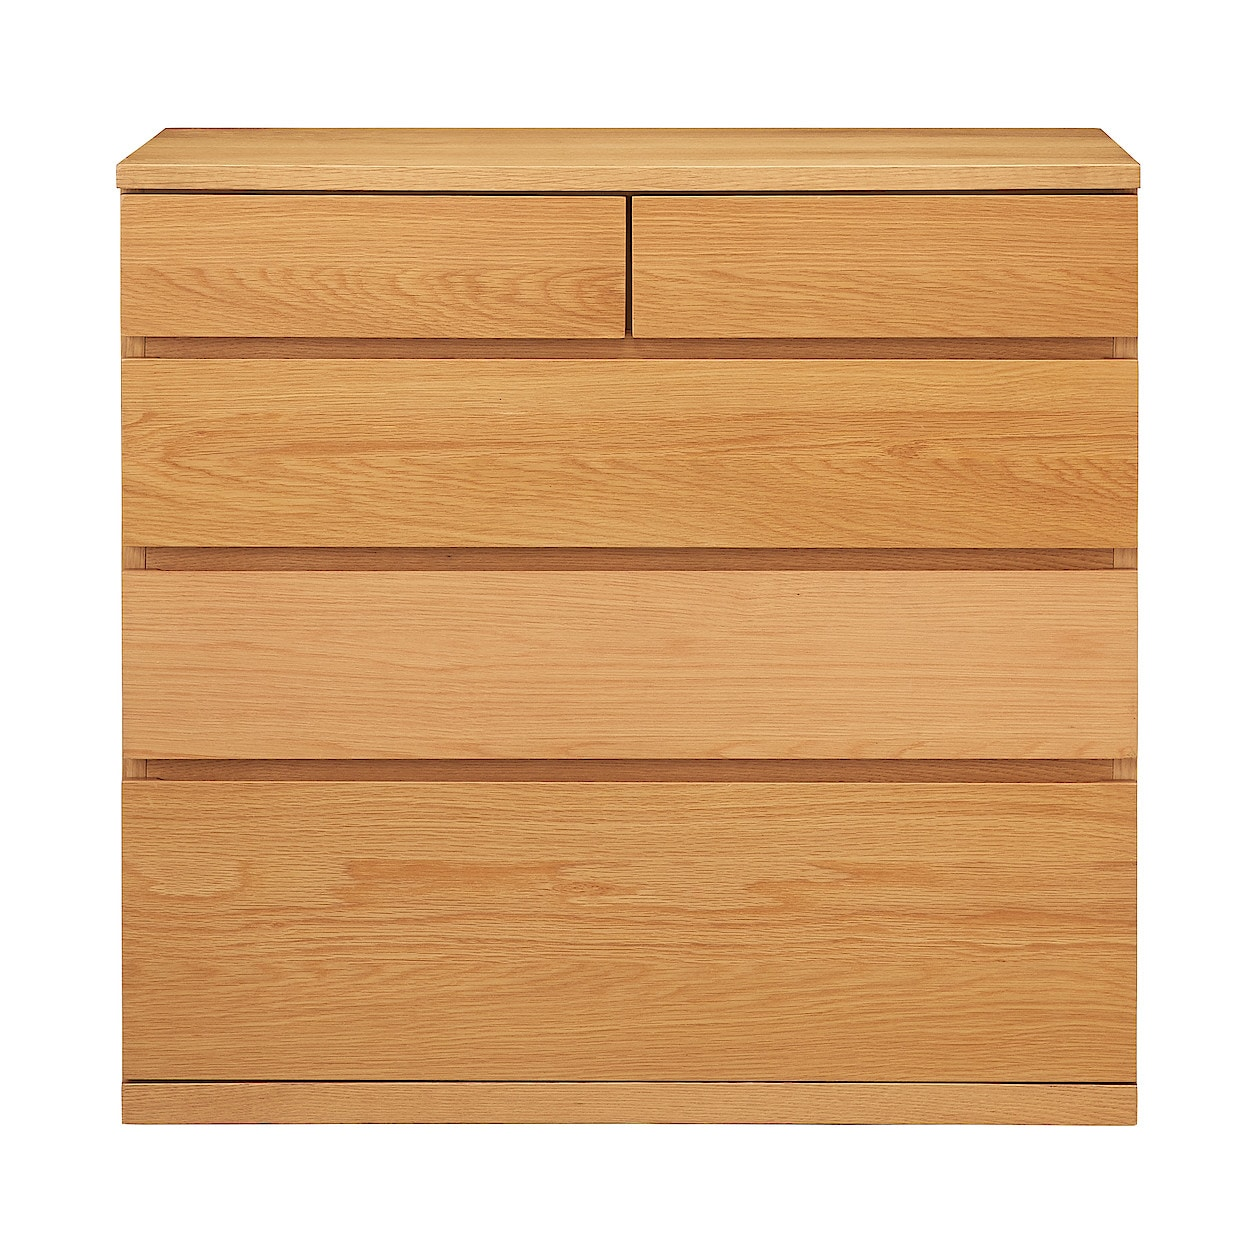 木製チェスト4段・オーク材